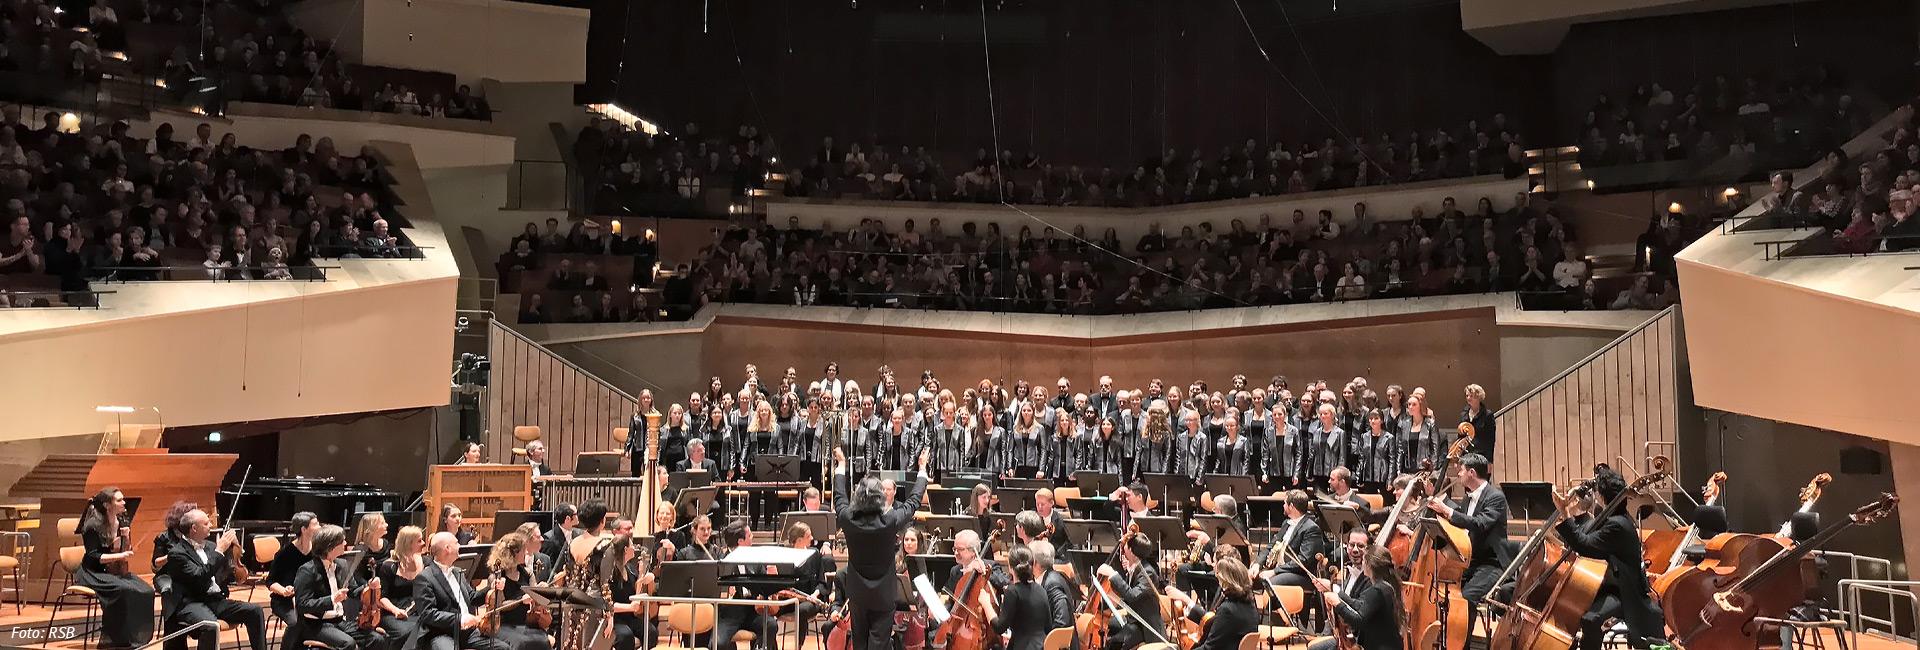 Berliner Mädchenchor – Konzertchor, Philharmoniekonzert mit Rundfunksinfonieorchester Berlin, Foto: RSB